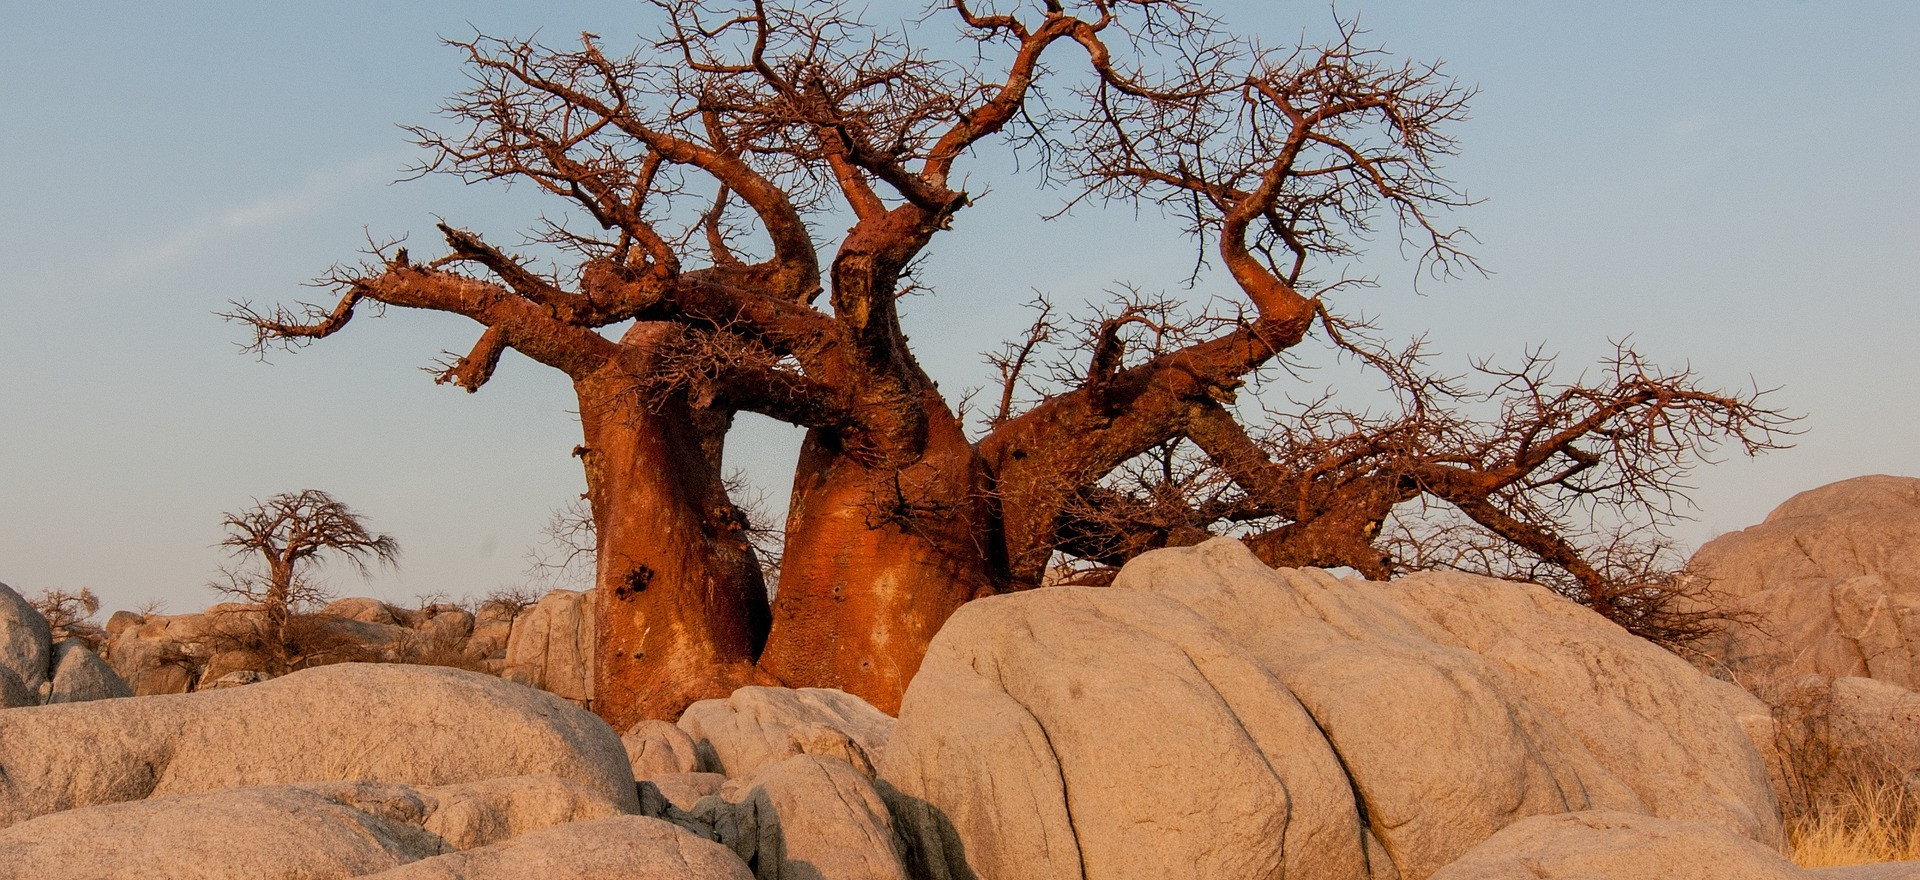 Botswana - image Herbert Bock